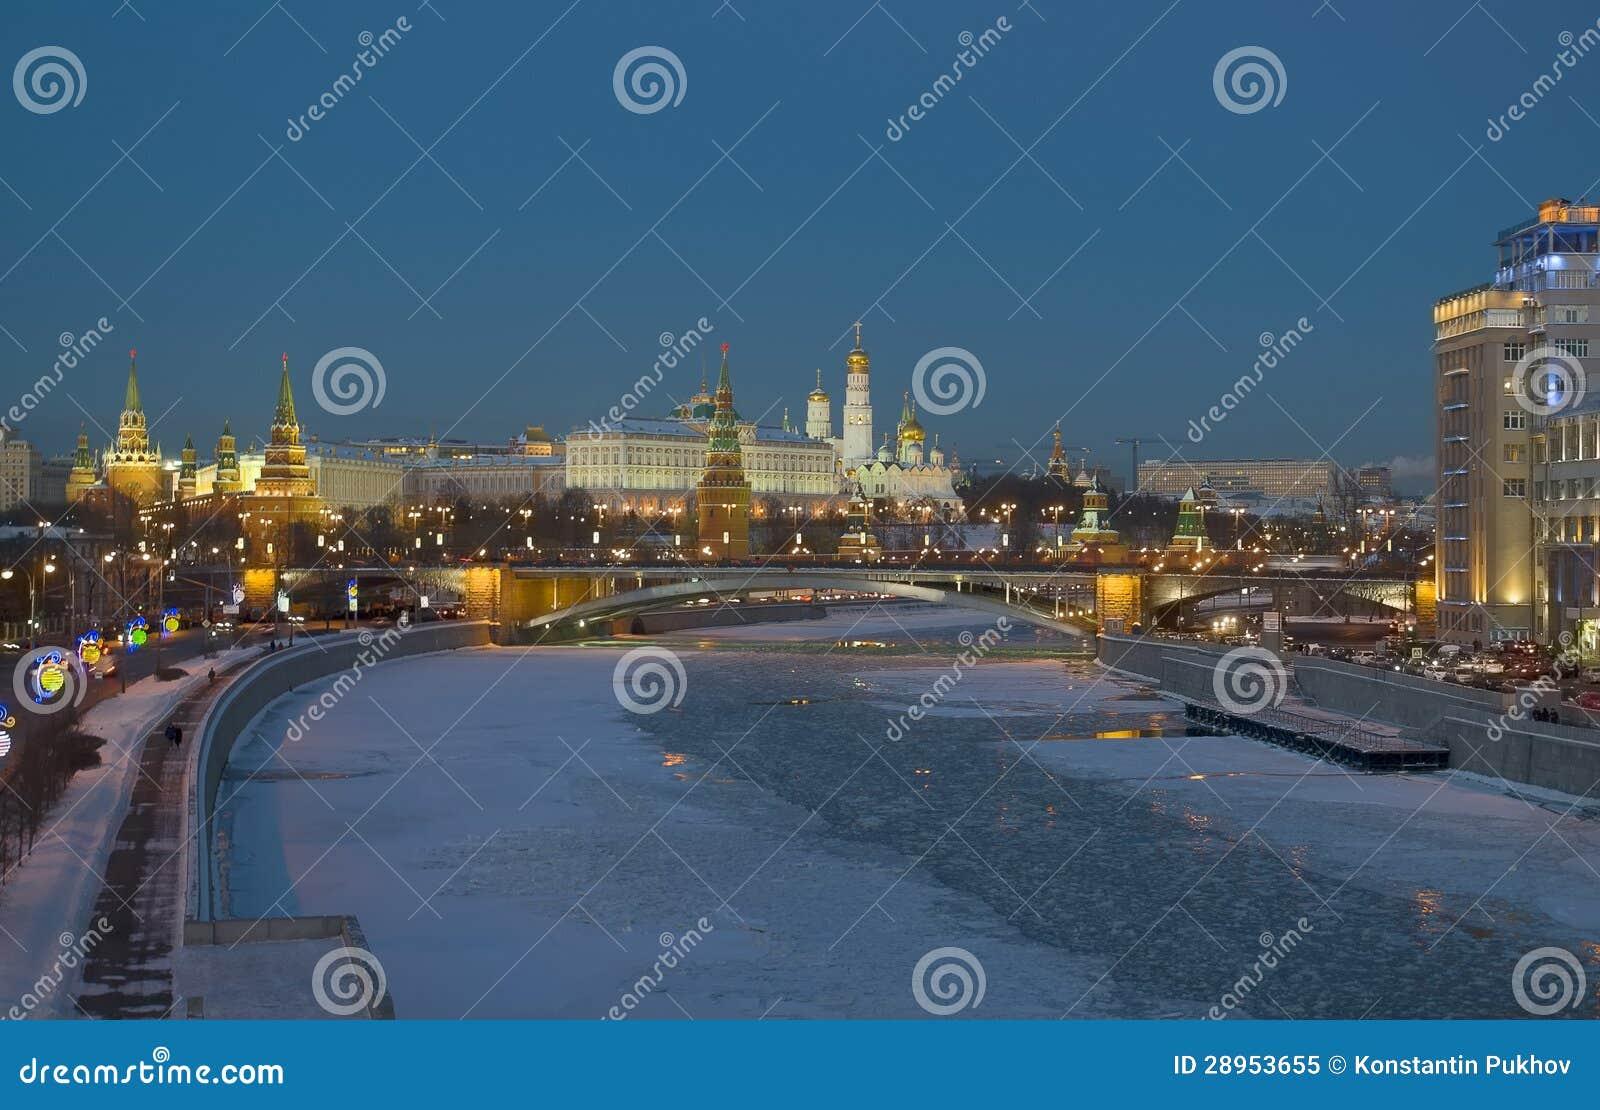 Moskwa Kremlin. Zima wieczór